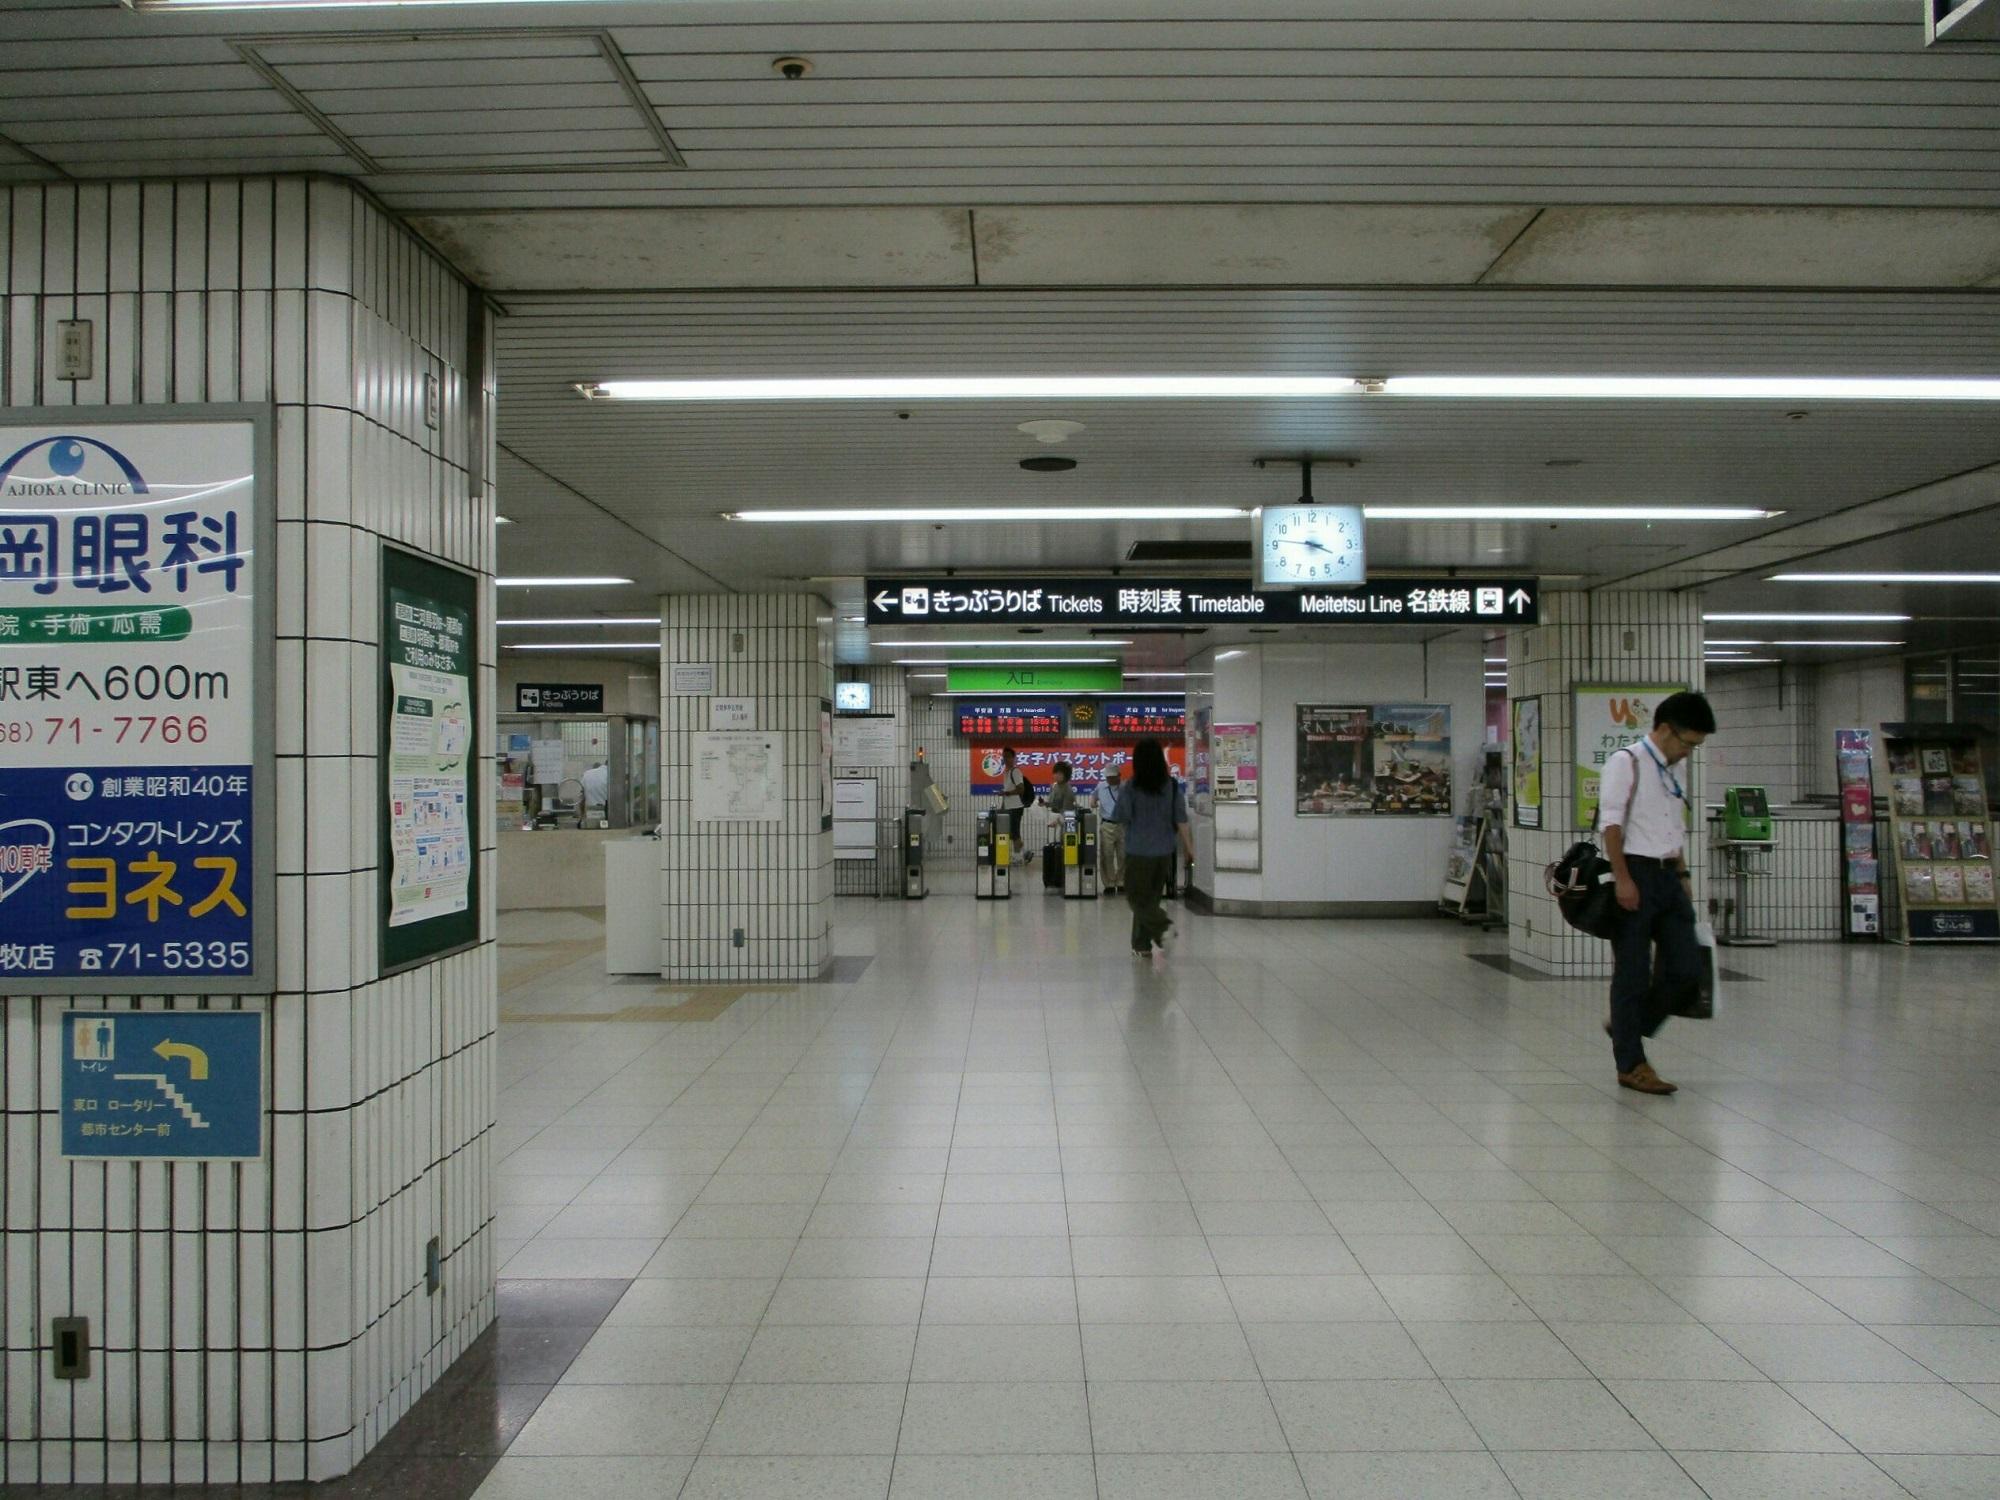 2018.6.30 (38) 小牧 - かいさつ 2000-1500